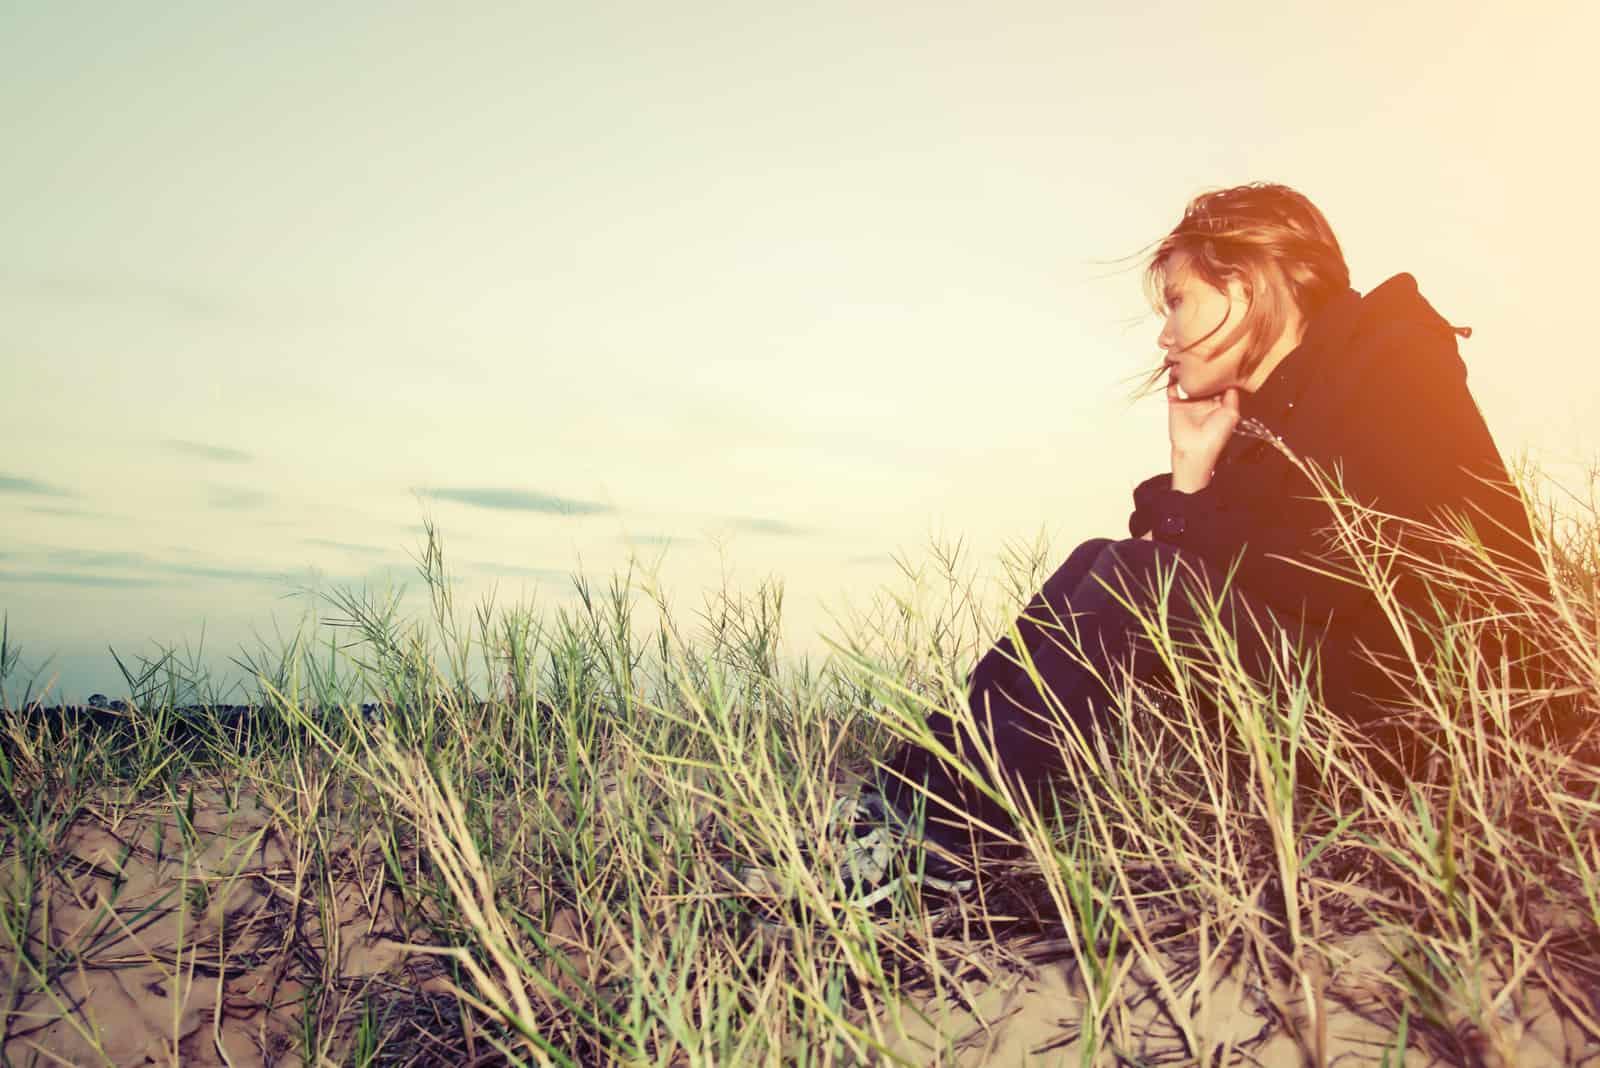 une femme triste est assise sur l'herbe et regarde devant elle